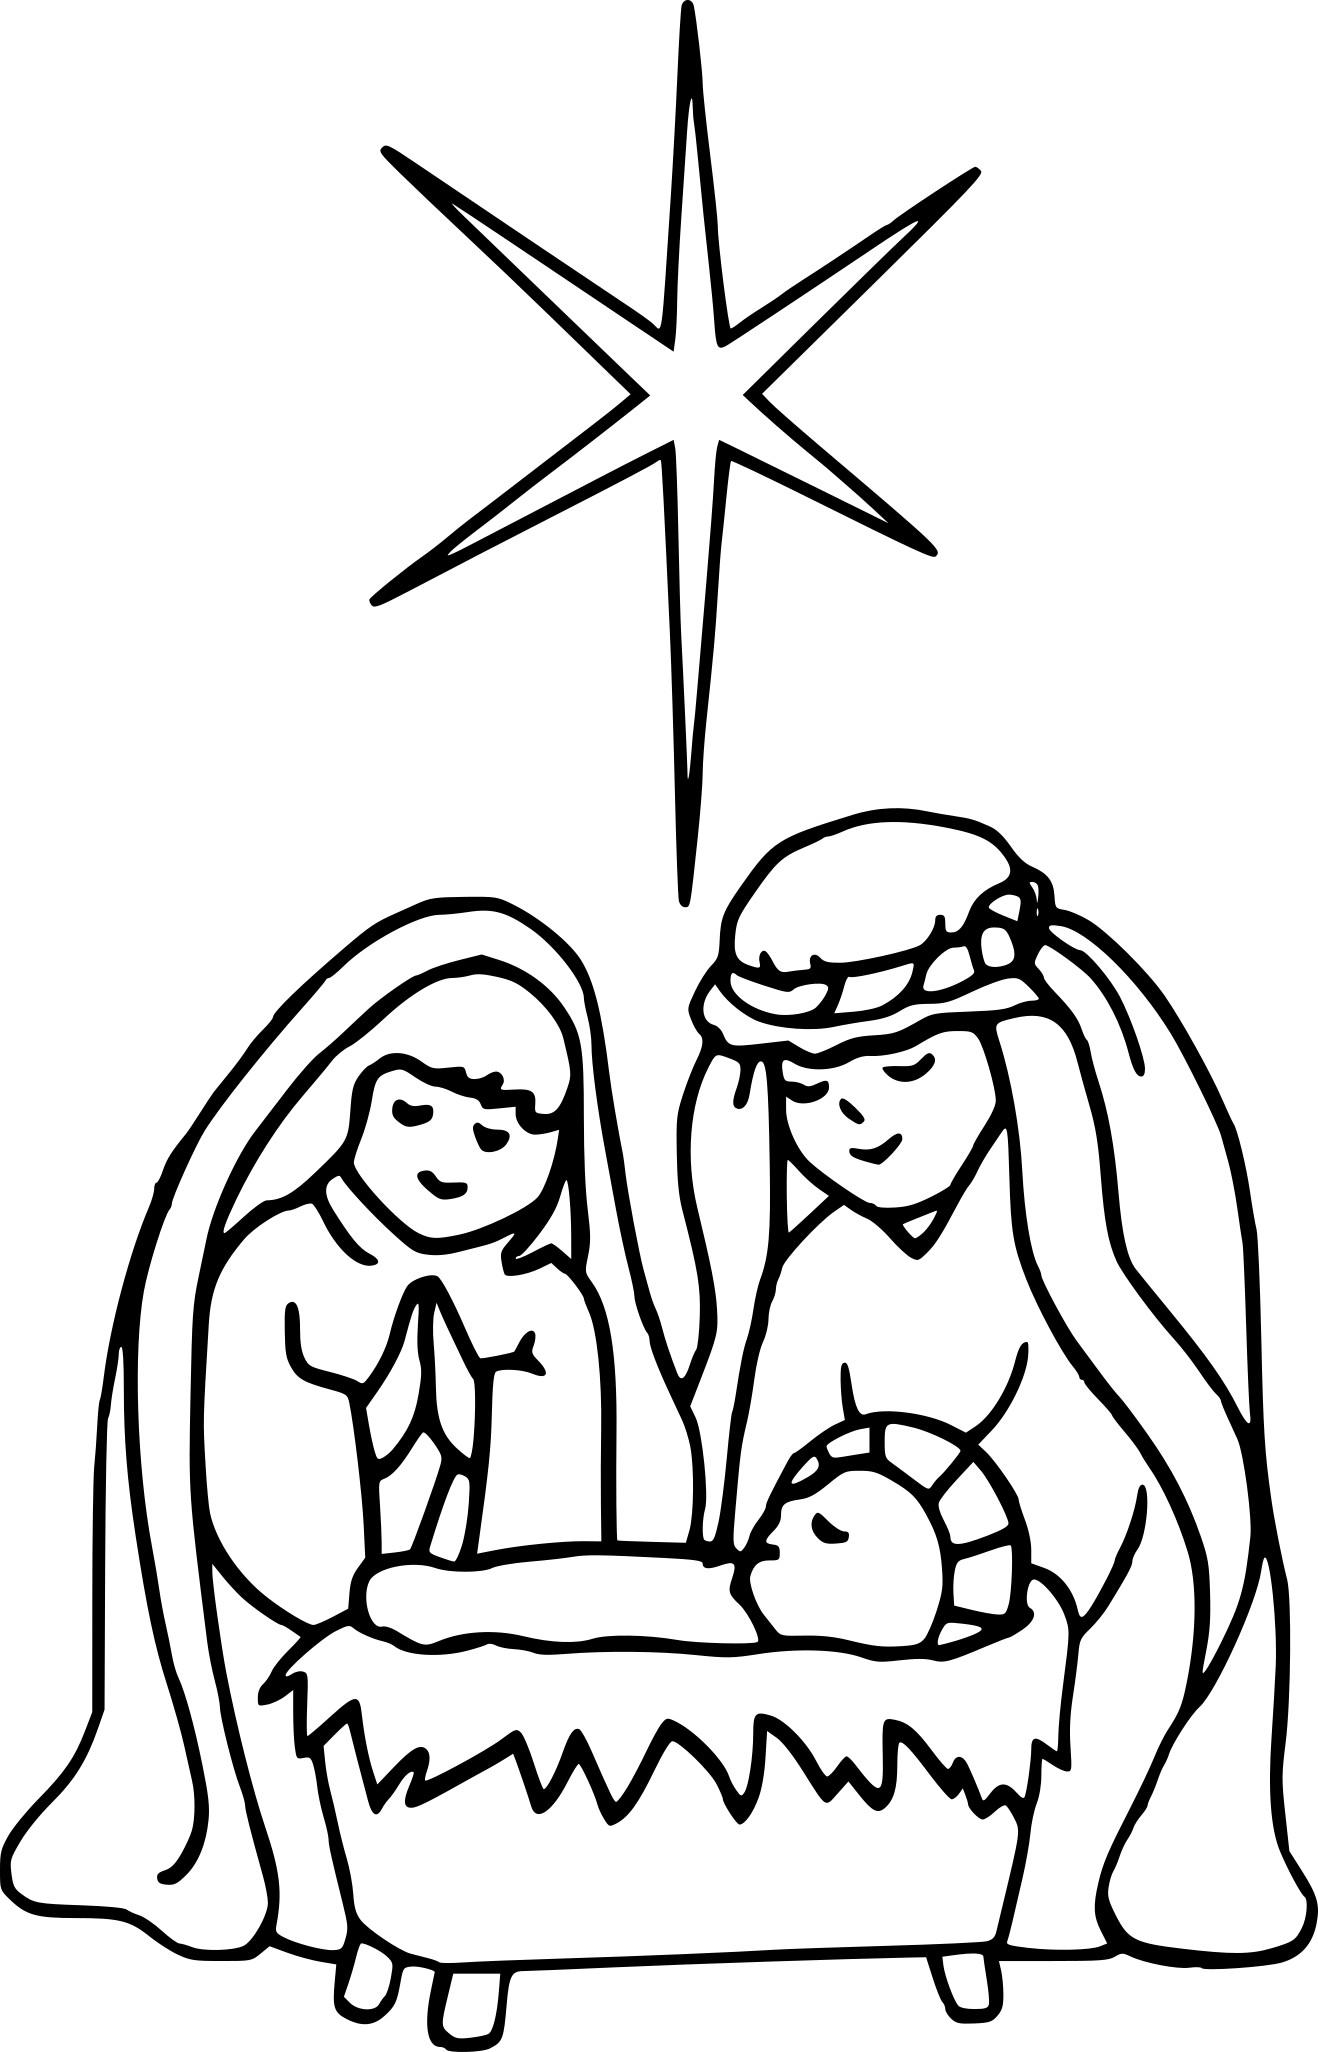 Image De Noel Jesus.Coloriage Noel Jesus A Imprimer Sur Coloriages Info